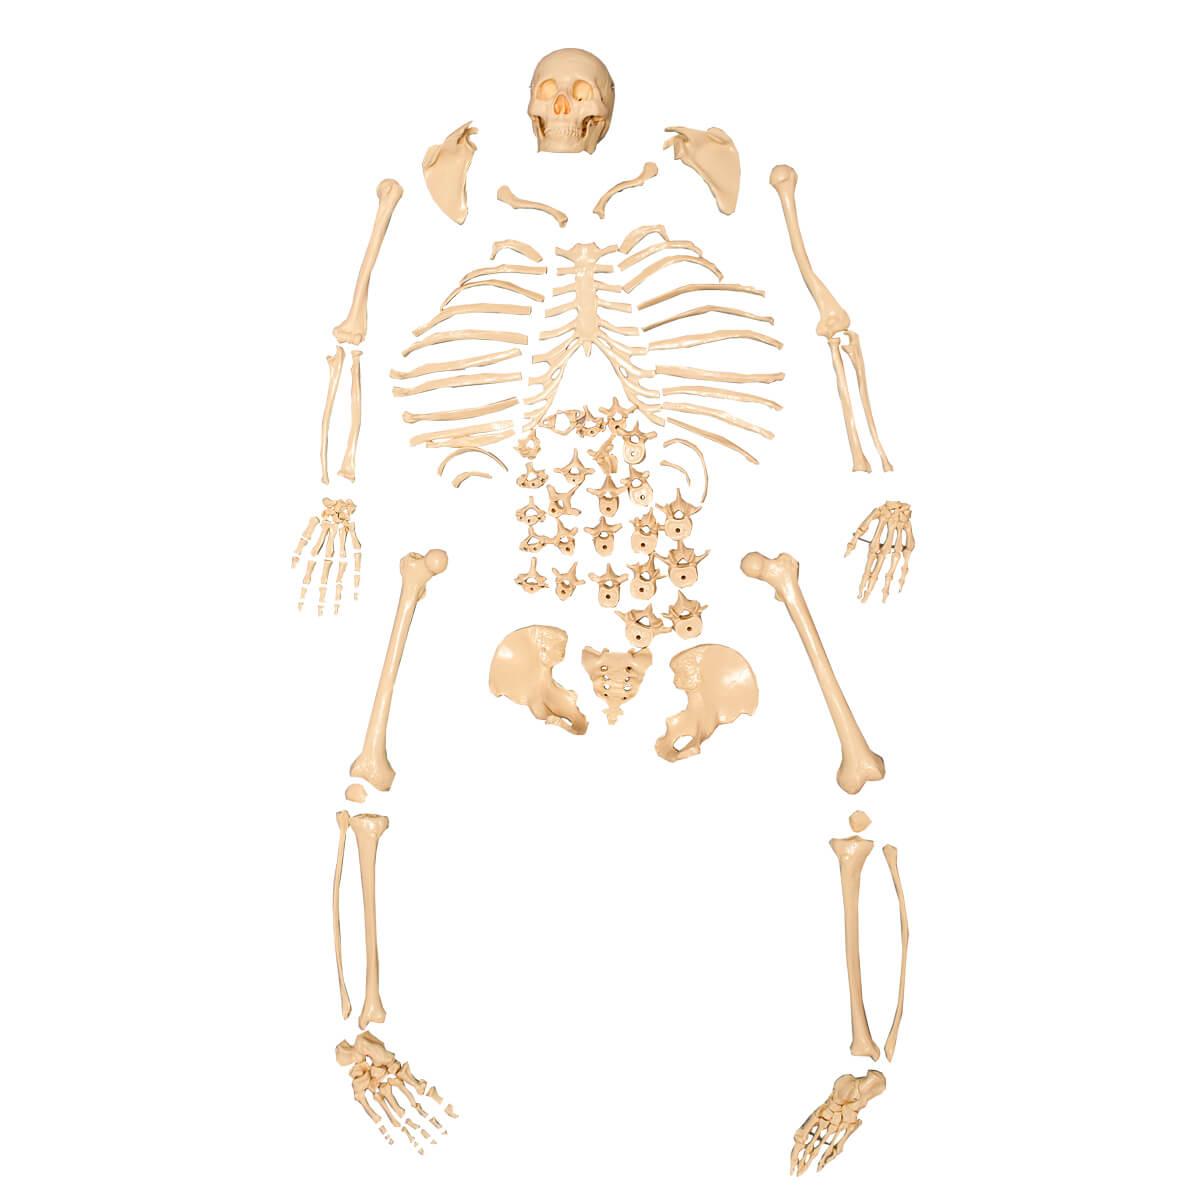 Modelo Anatomico Esqueleto Padrão Desarticulado